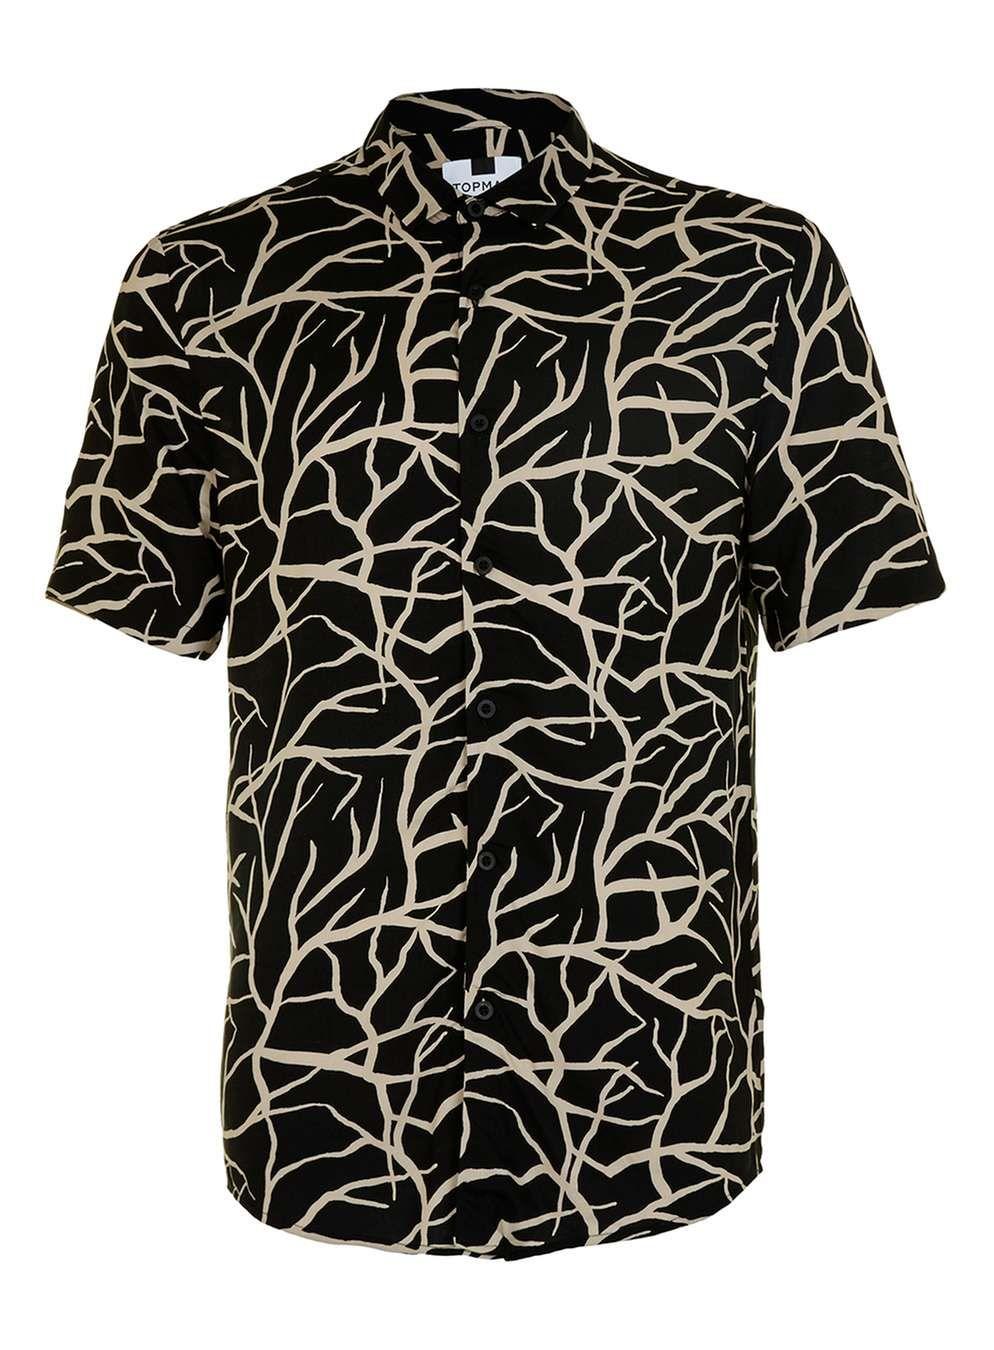 61014f7ff24 Brown Printed Viscose Short Sleeve Casual Shirt - Collared Shirts ...